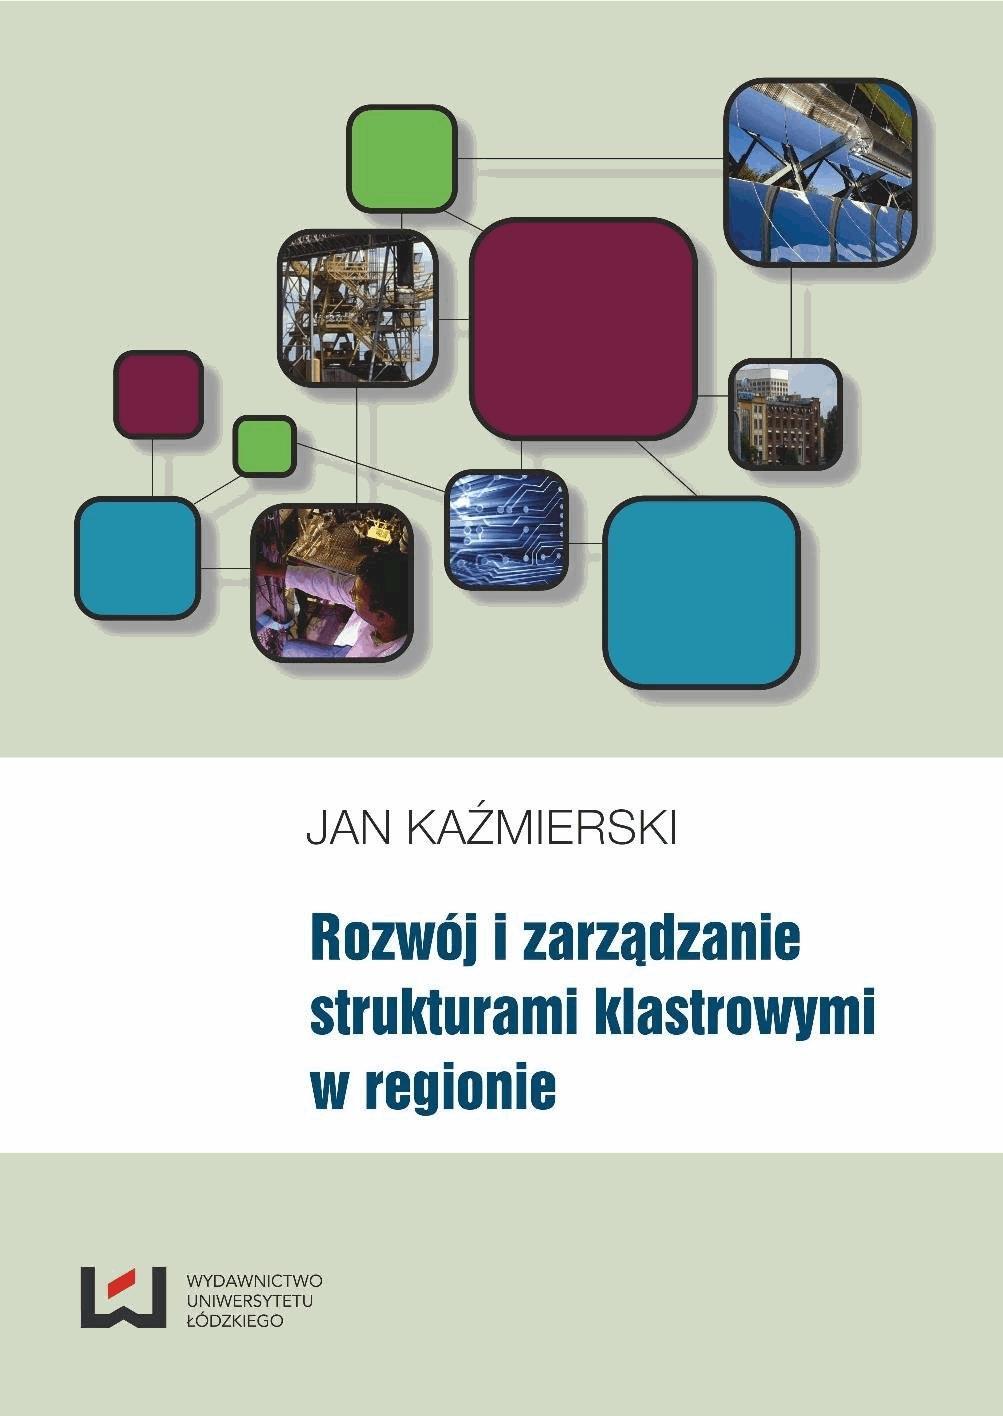 Rozwój i zarządzanie strukturami klastrowymi w regionie - Jan Kaźmierski